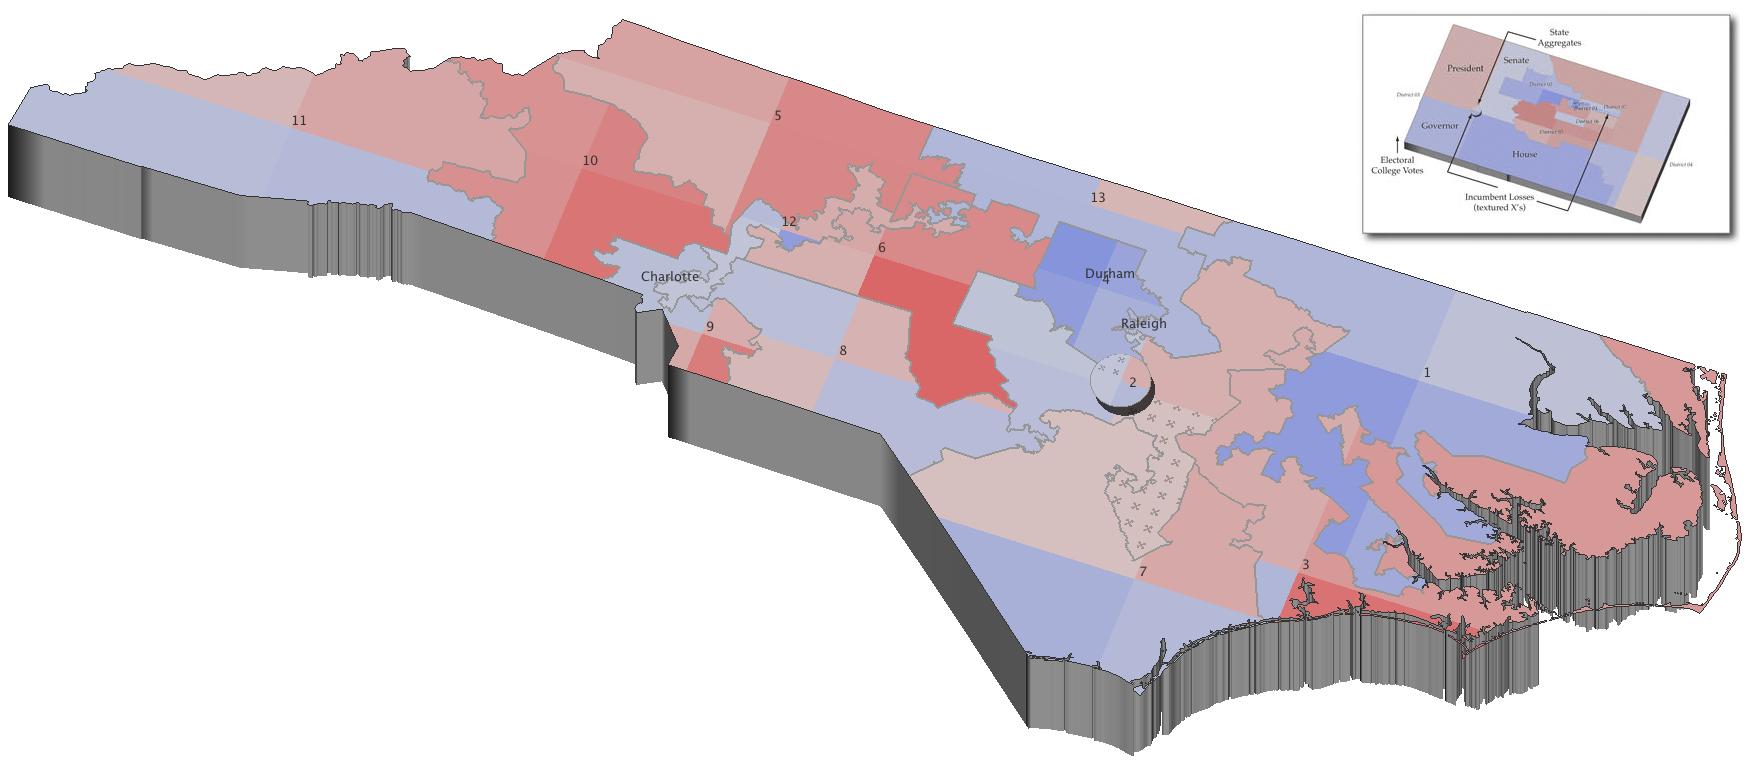 2010 U.S. Election Visualizations